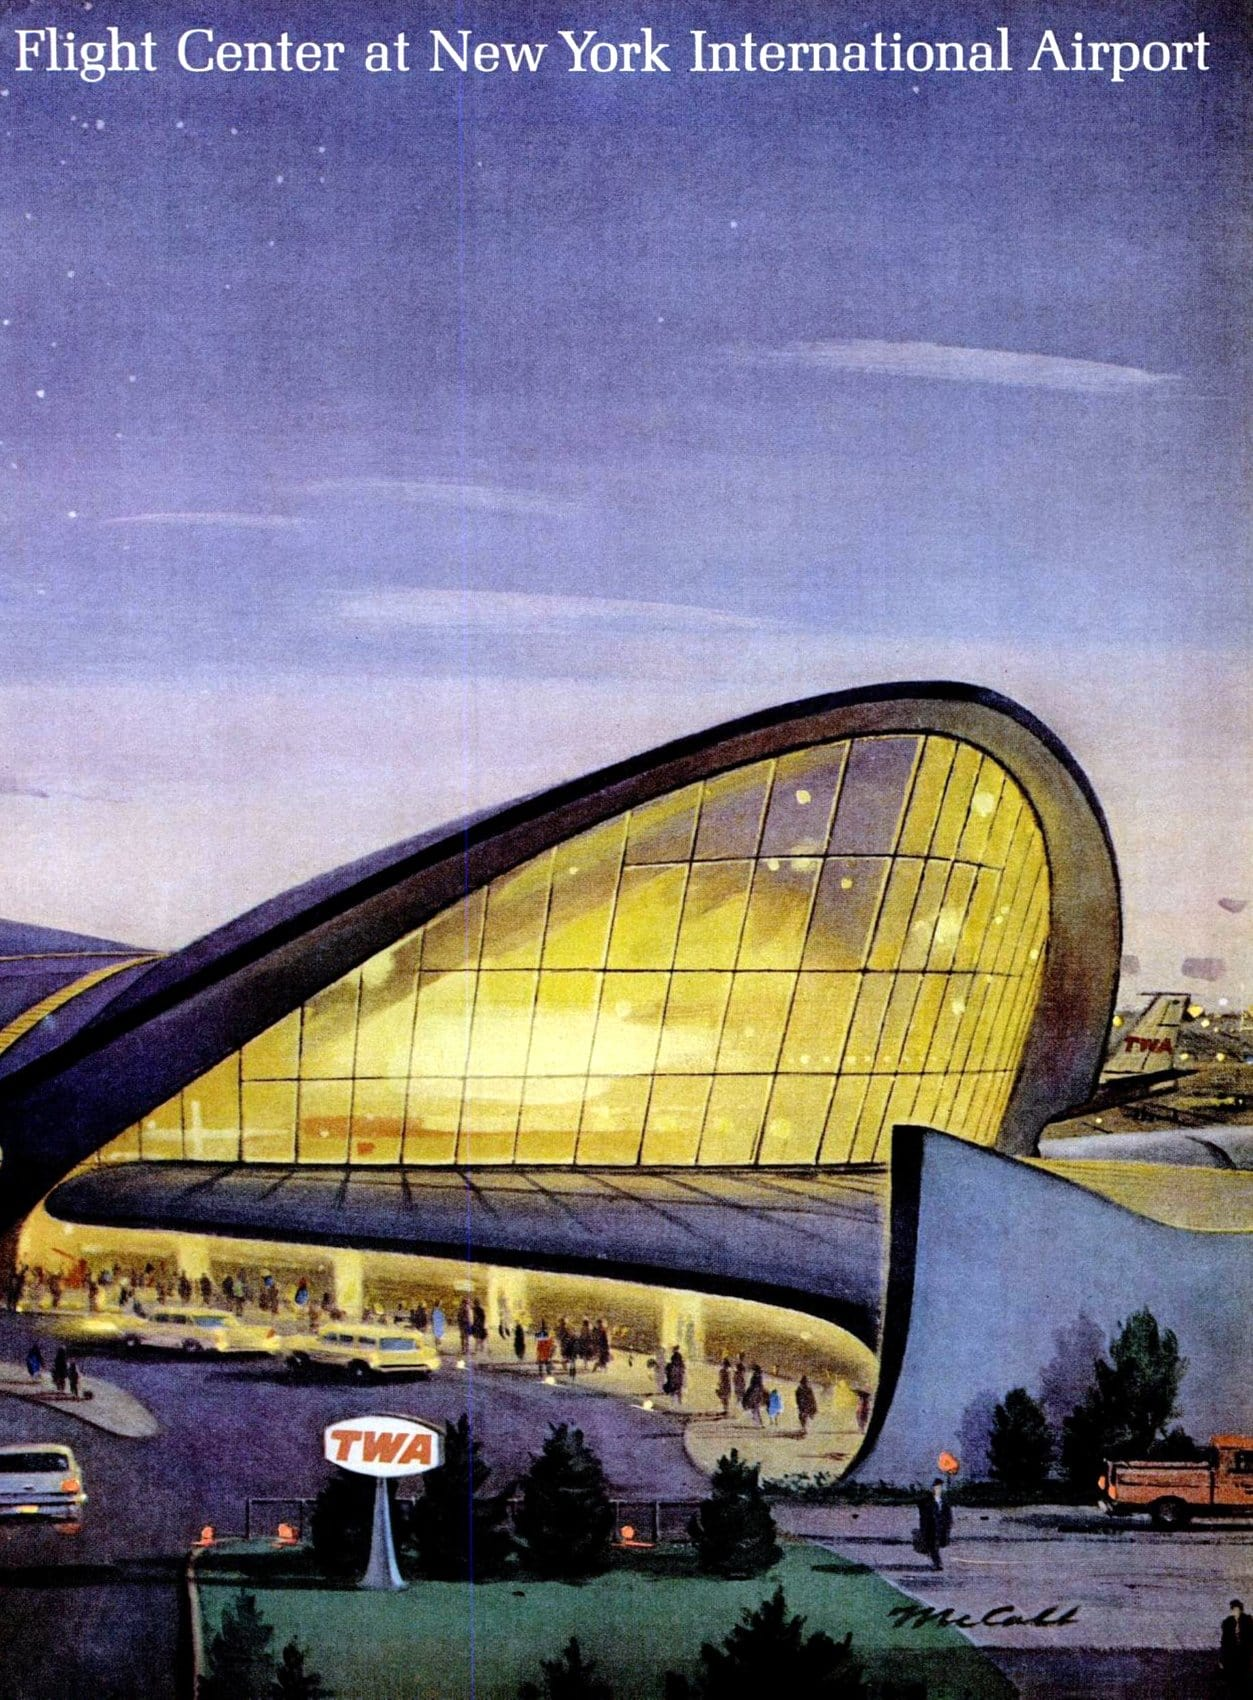 Trans-World Flight Center at NY International Airport - 1963 (1)